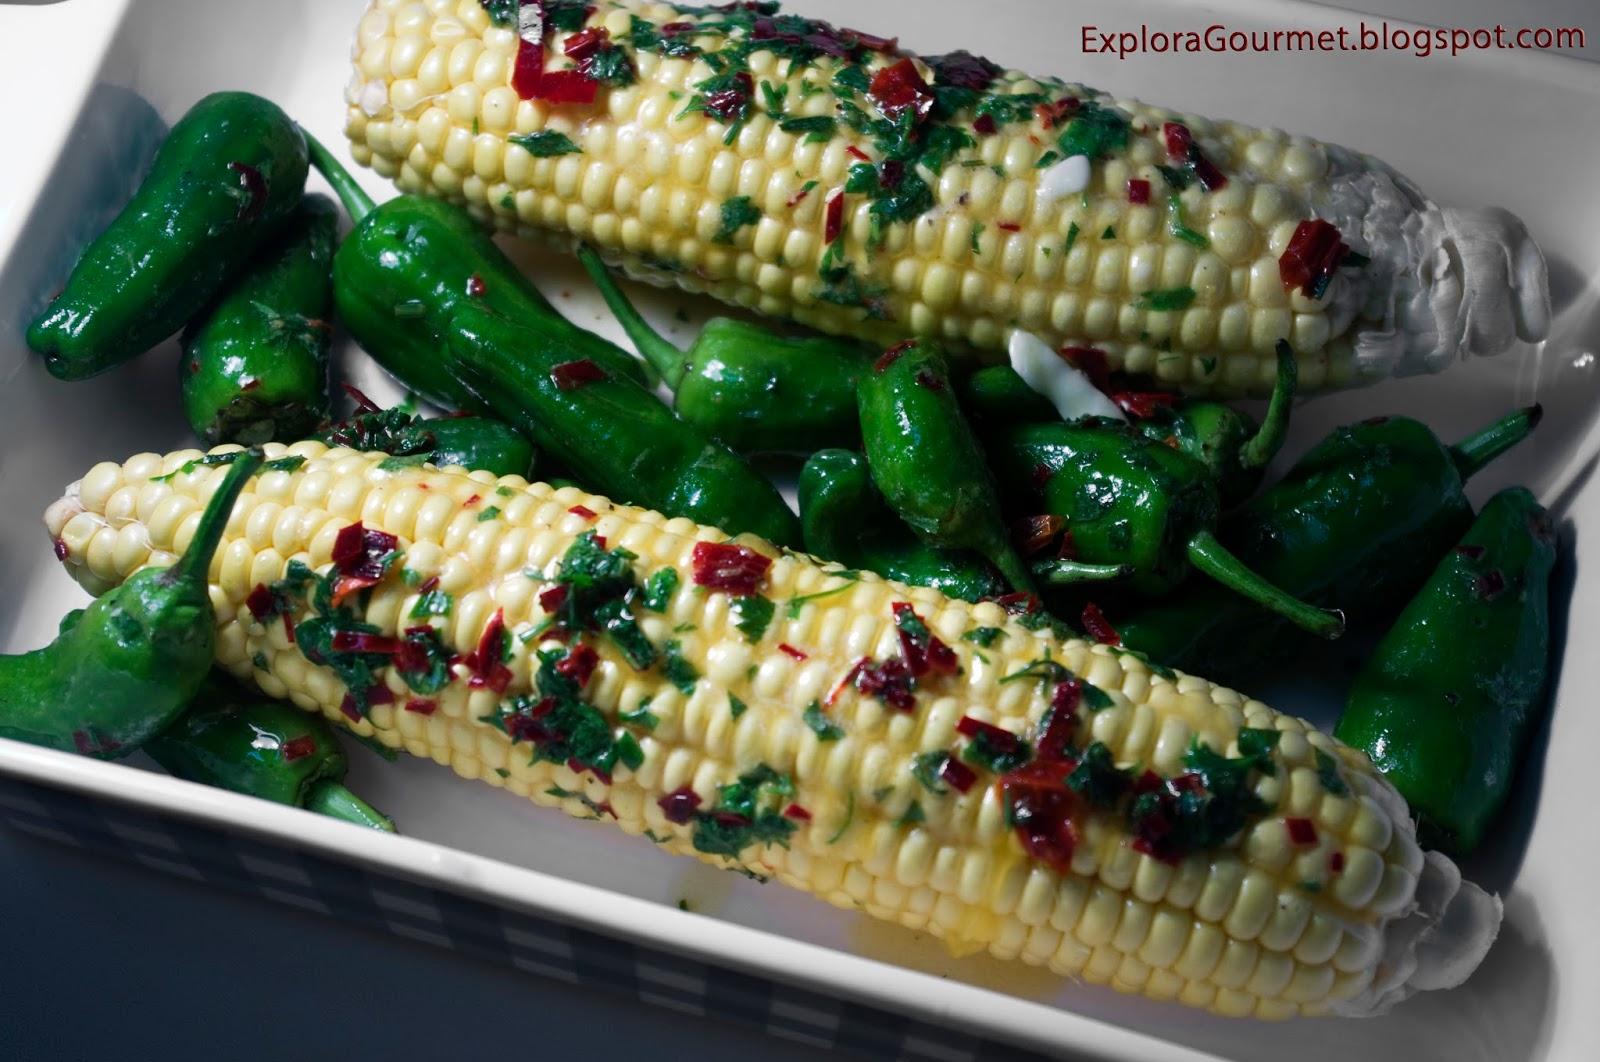 maíz asado con pimientos del padrón, mantequilla y chile